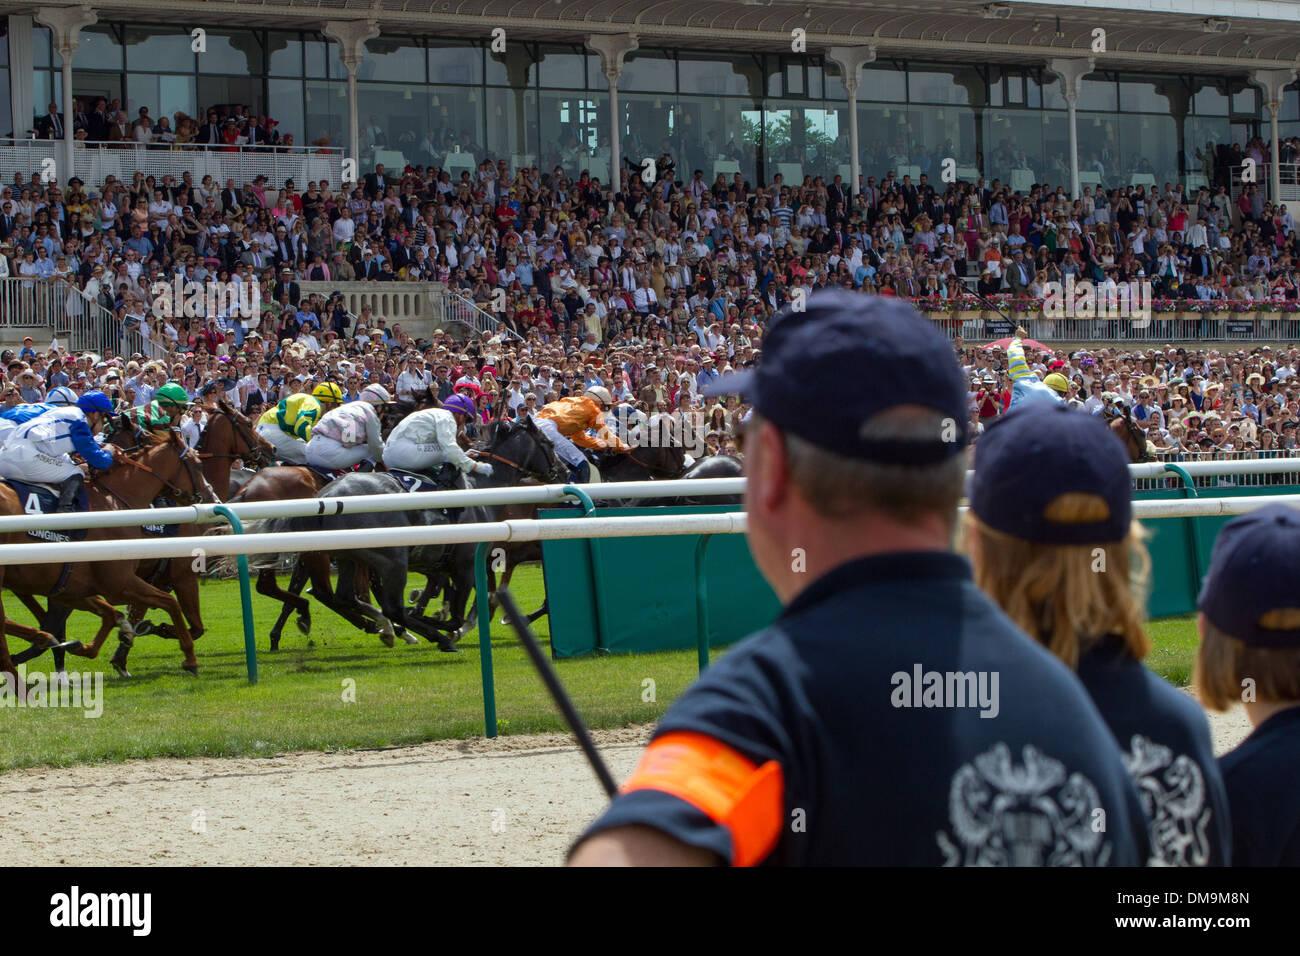 STANDS oficiales en el hipódromo de Chantilly, el Prix de Diane 2013 Longines de carreras de caballos, Chantilly, OISE (60), Francia Imagen De Stock